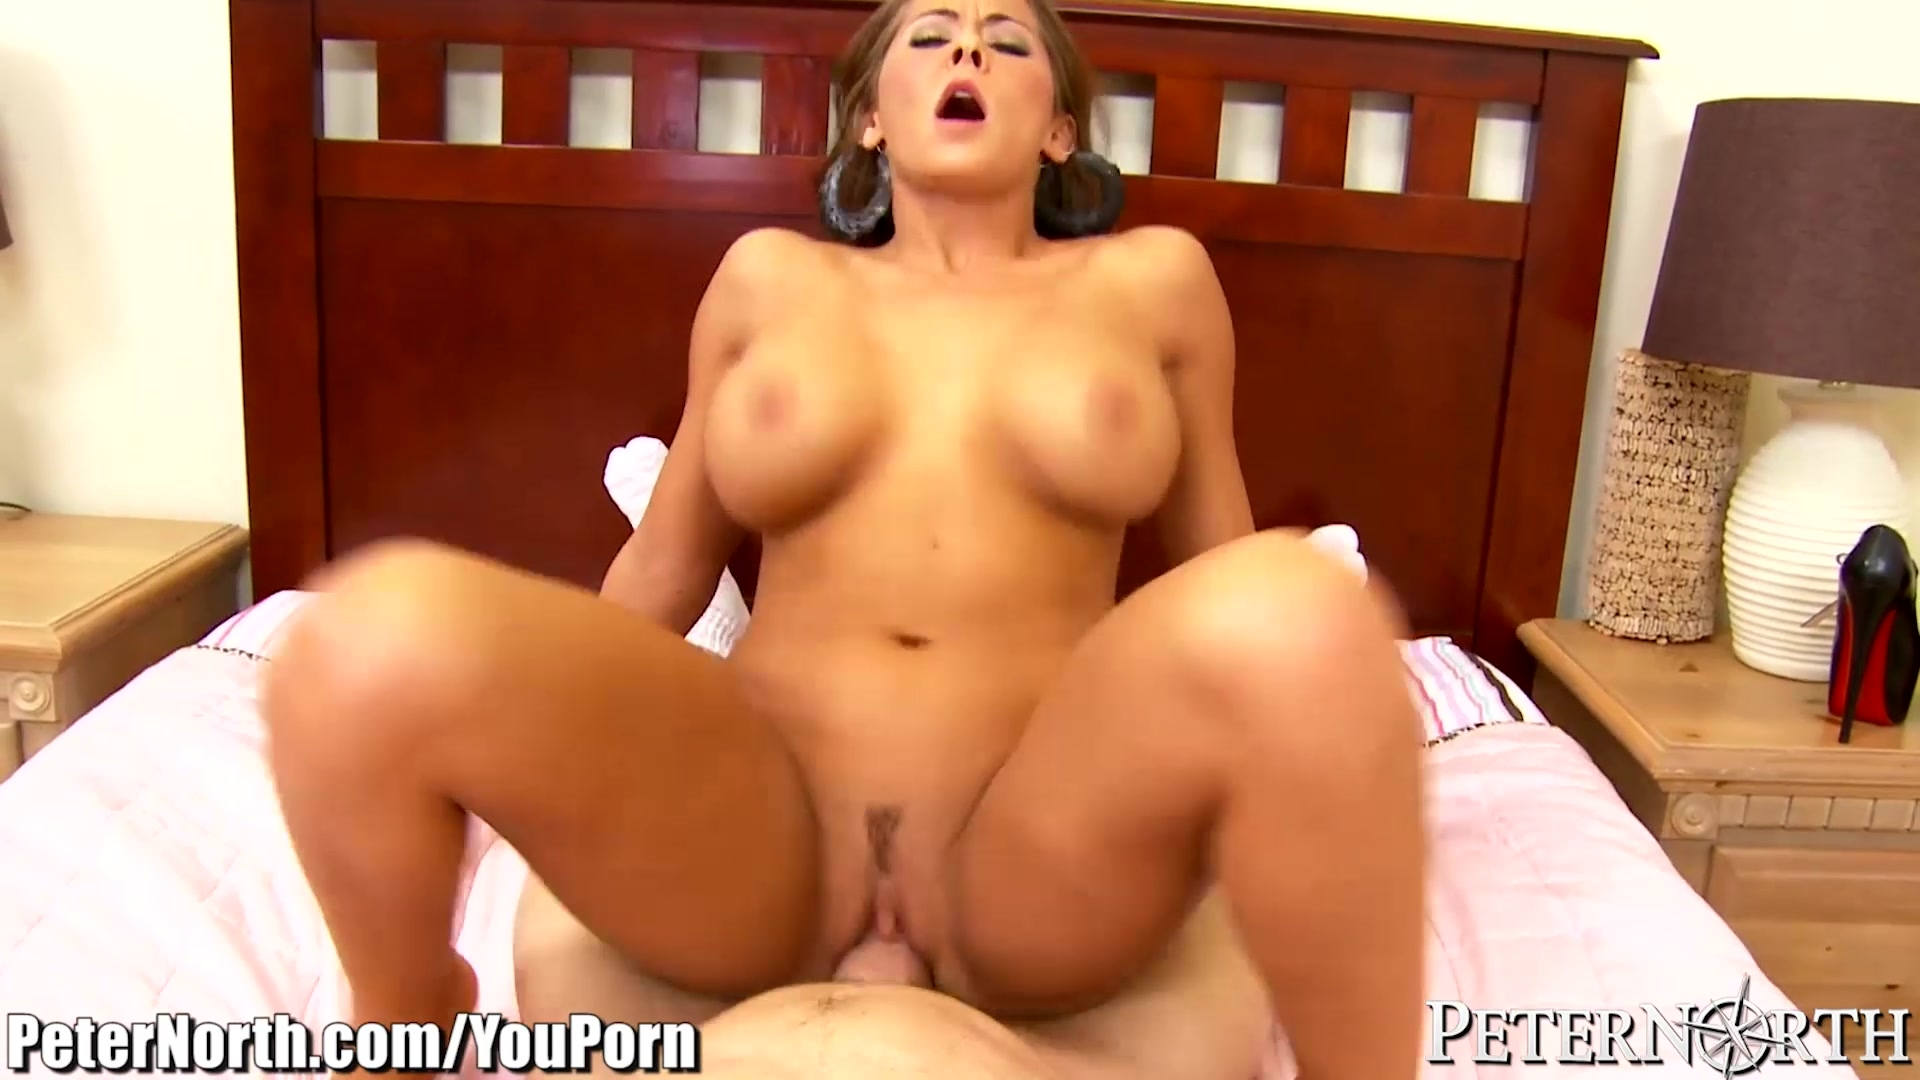 Смотреть порно бесплатно жестко оргазм 18 фотография